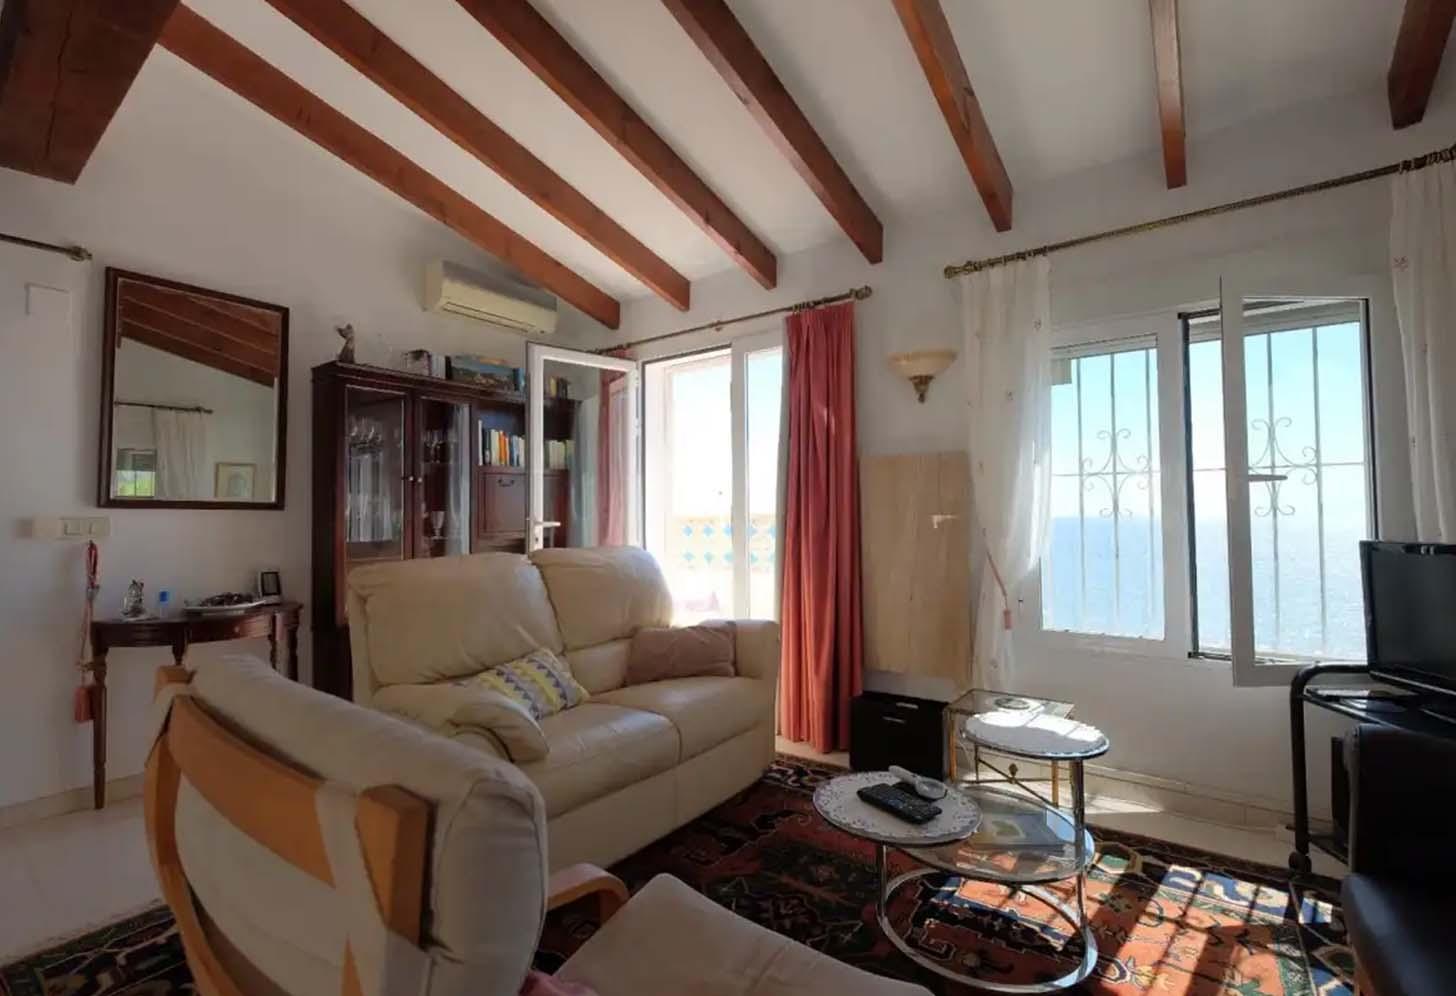 immobilier acheter une maison à calpe 010 d1 salon